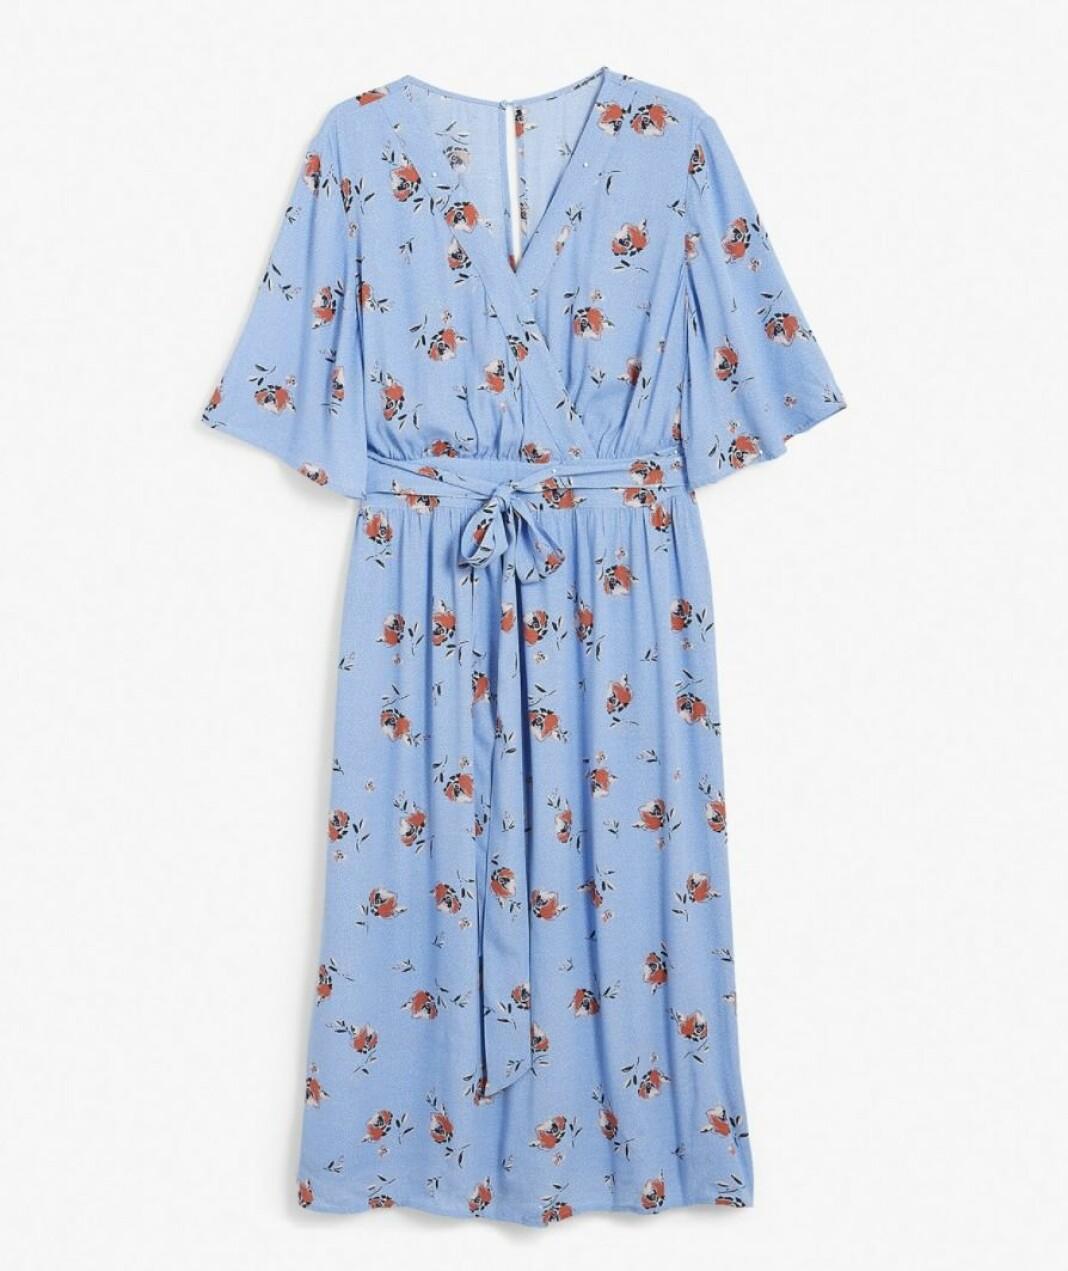 En blommig klänning från Kappahl